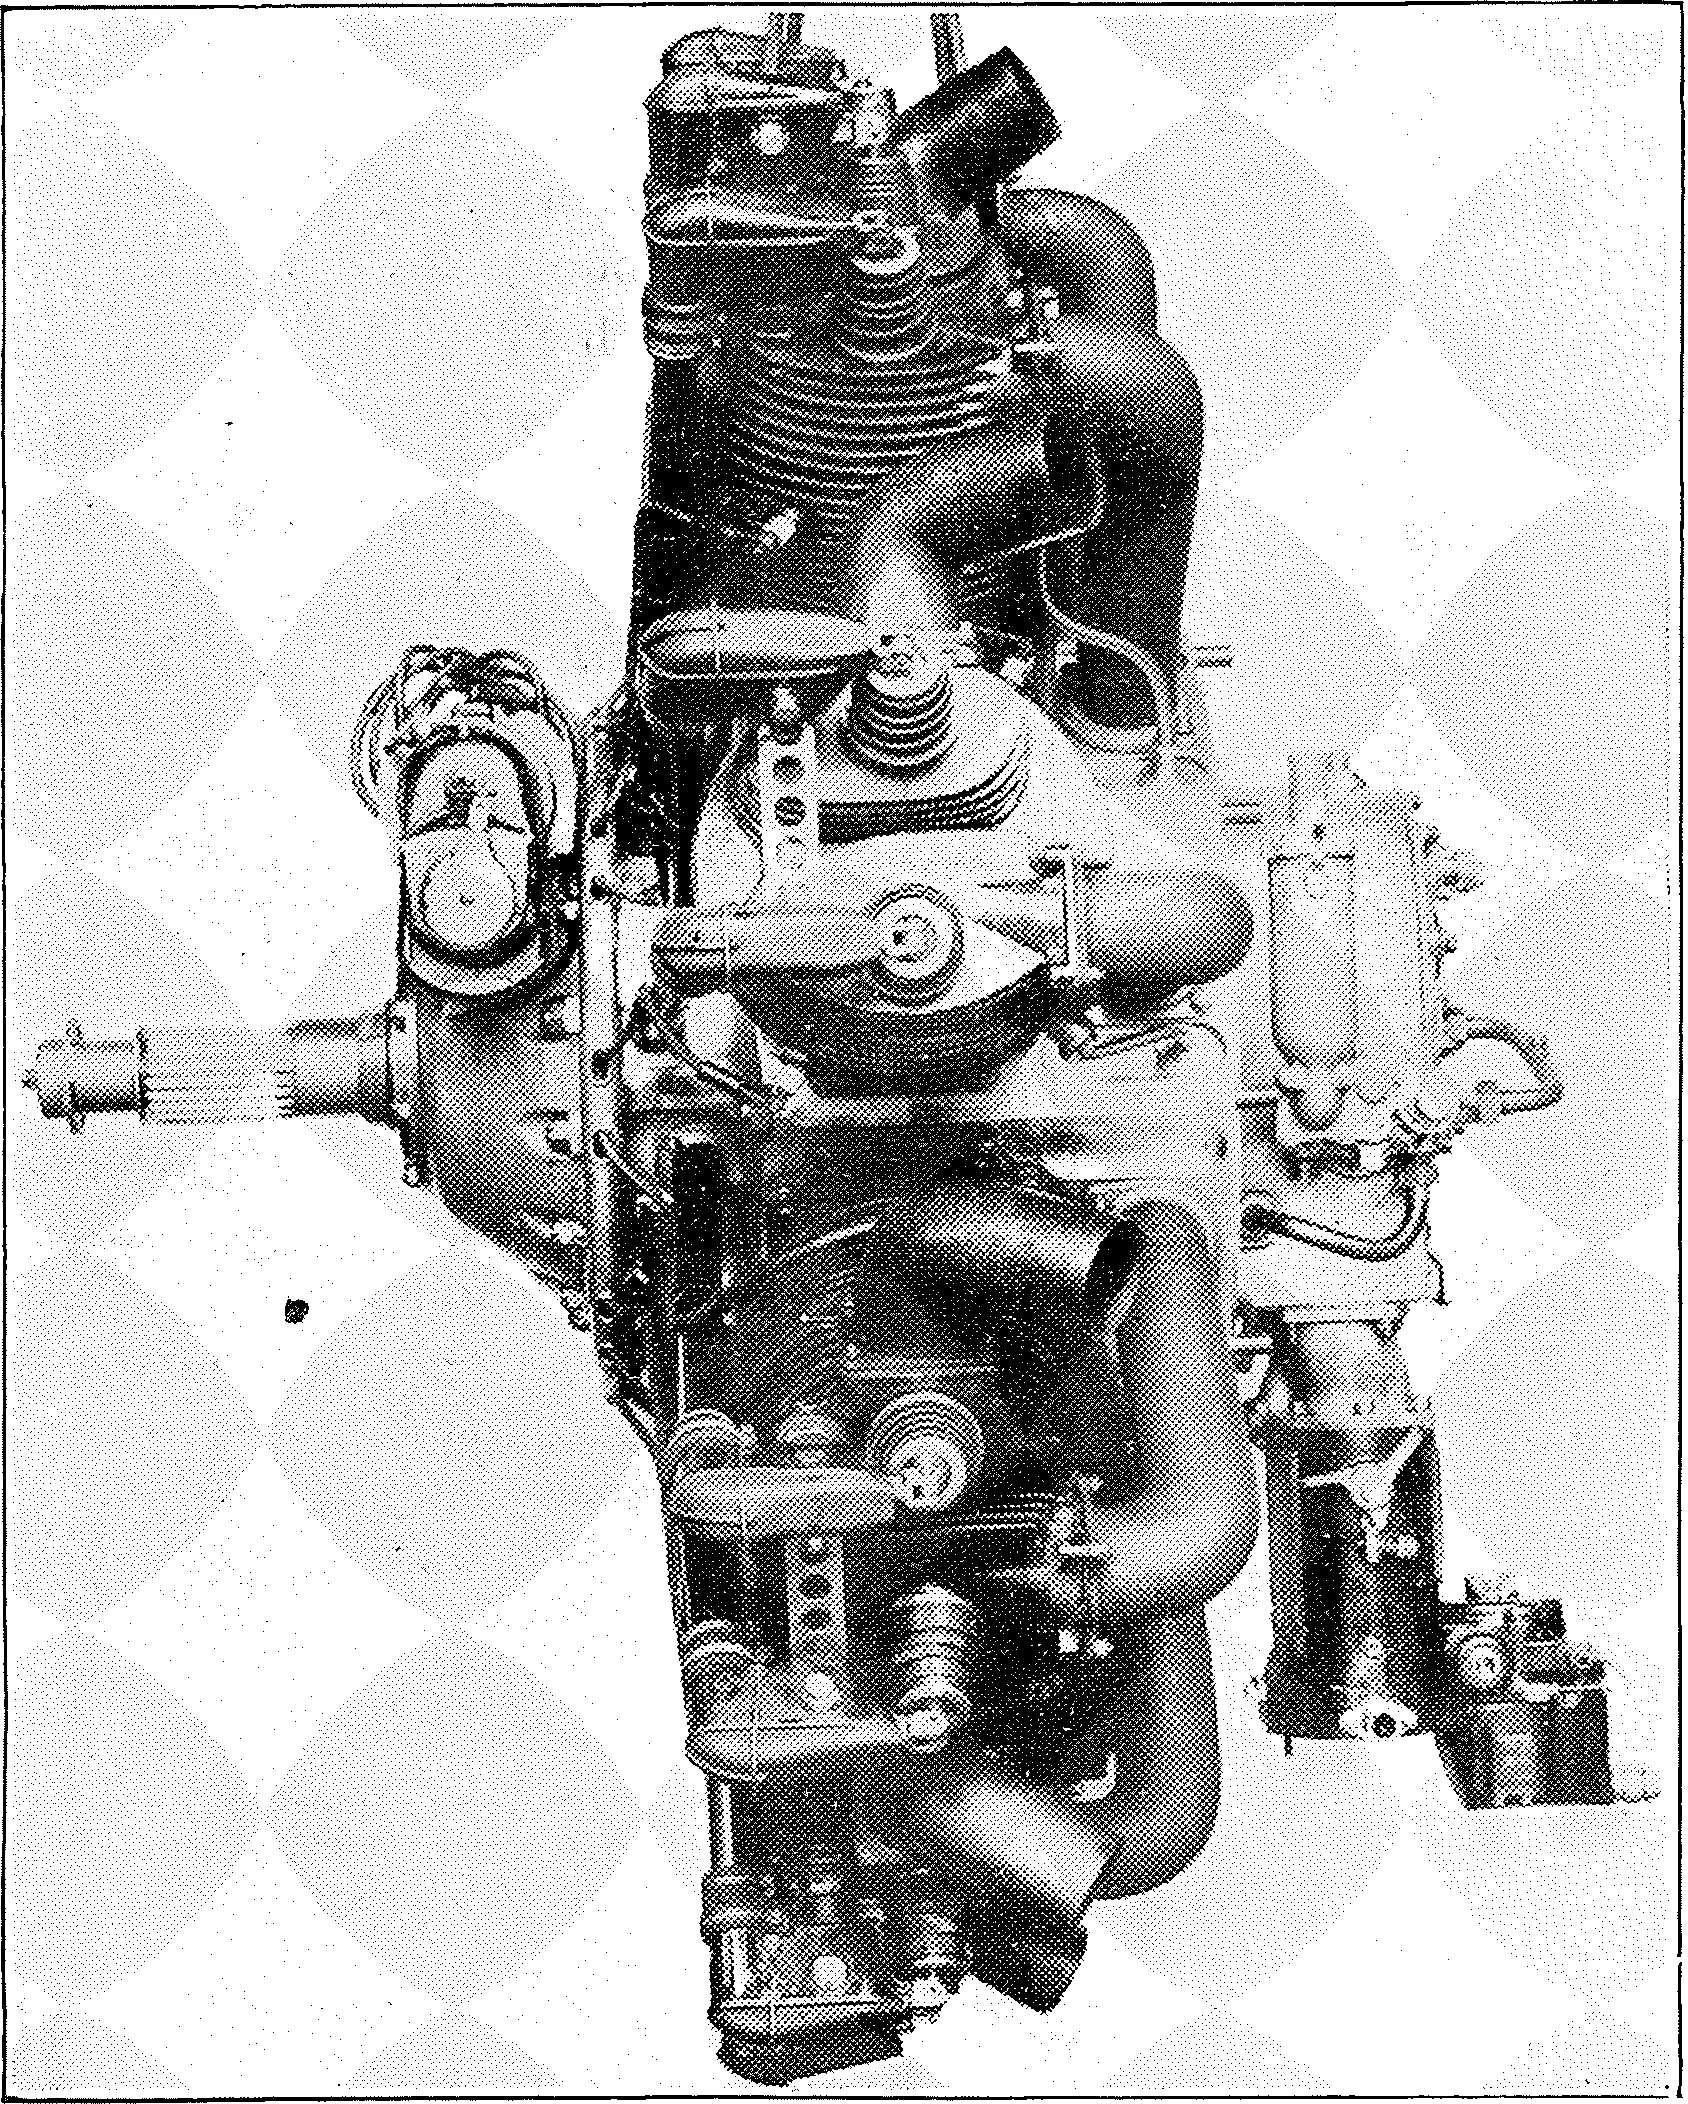 Segelflug, Motorflug und Modellflug sowie Luftfahrt und Luftverkehr im Deutschen Reich (Weimarer Republik) im Jahre 1930